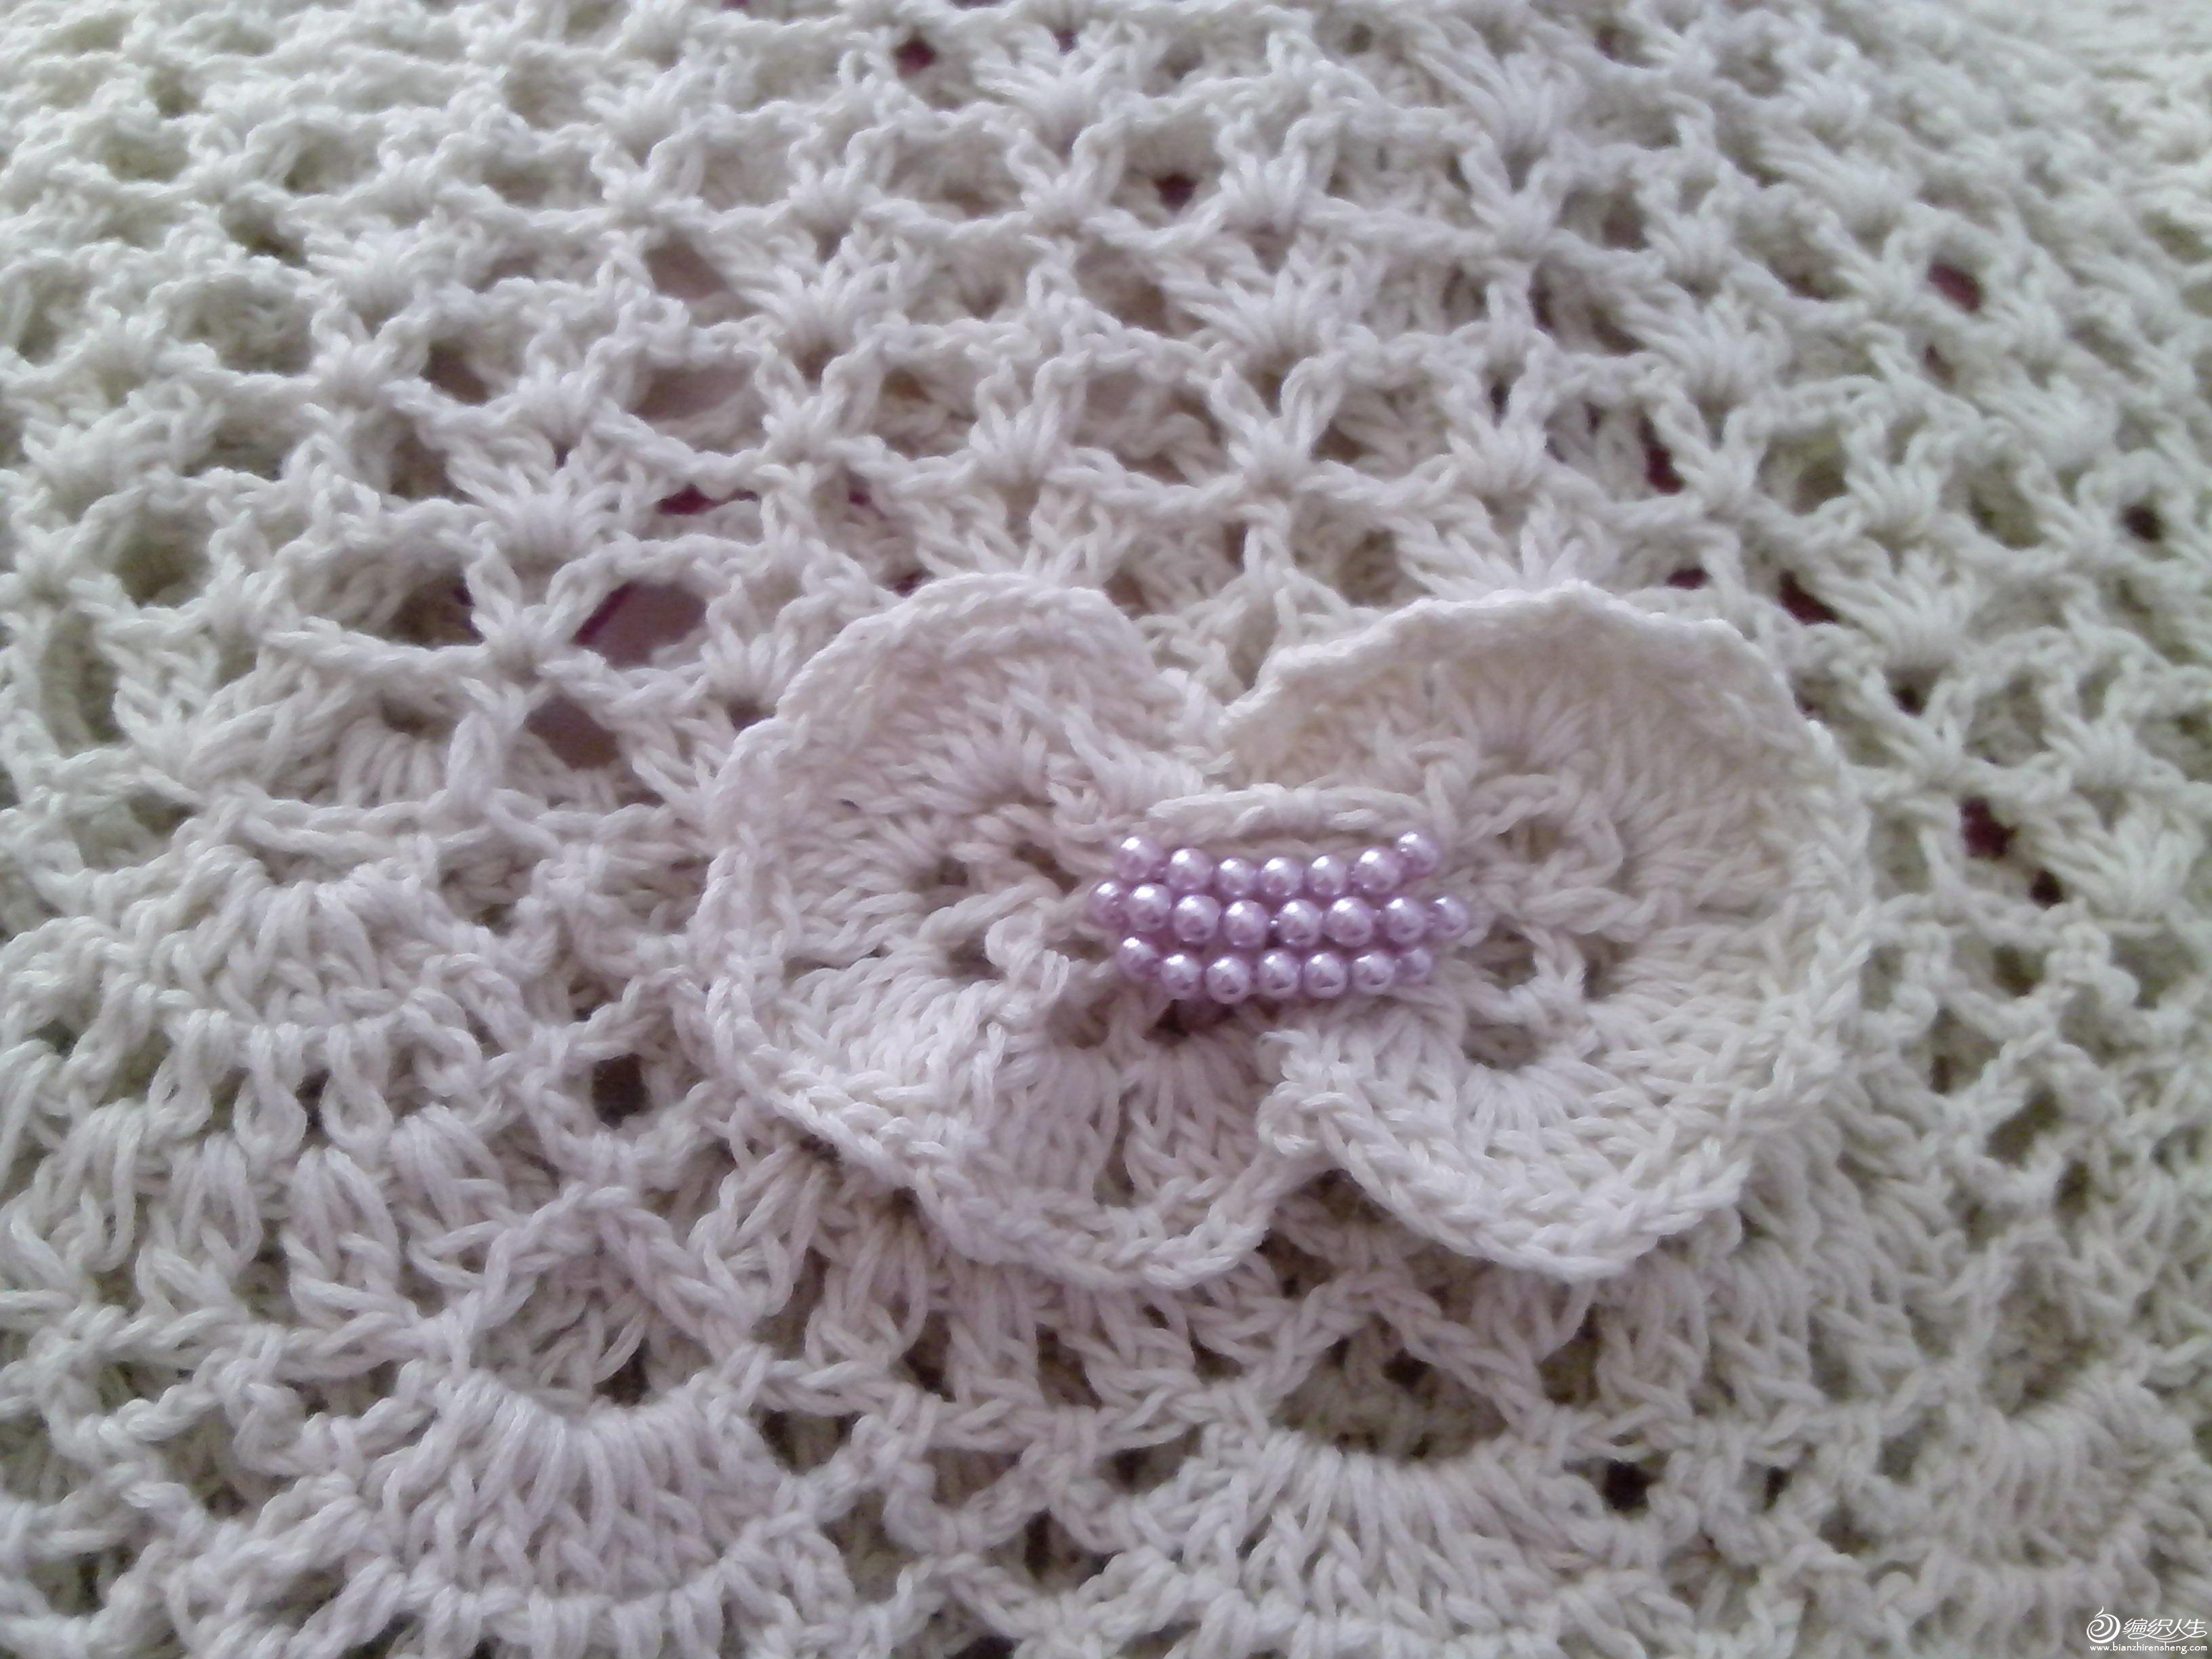 后面加了个蝴蝶结,钉了些淡紫色的珠子,立马身价递增